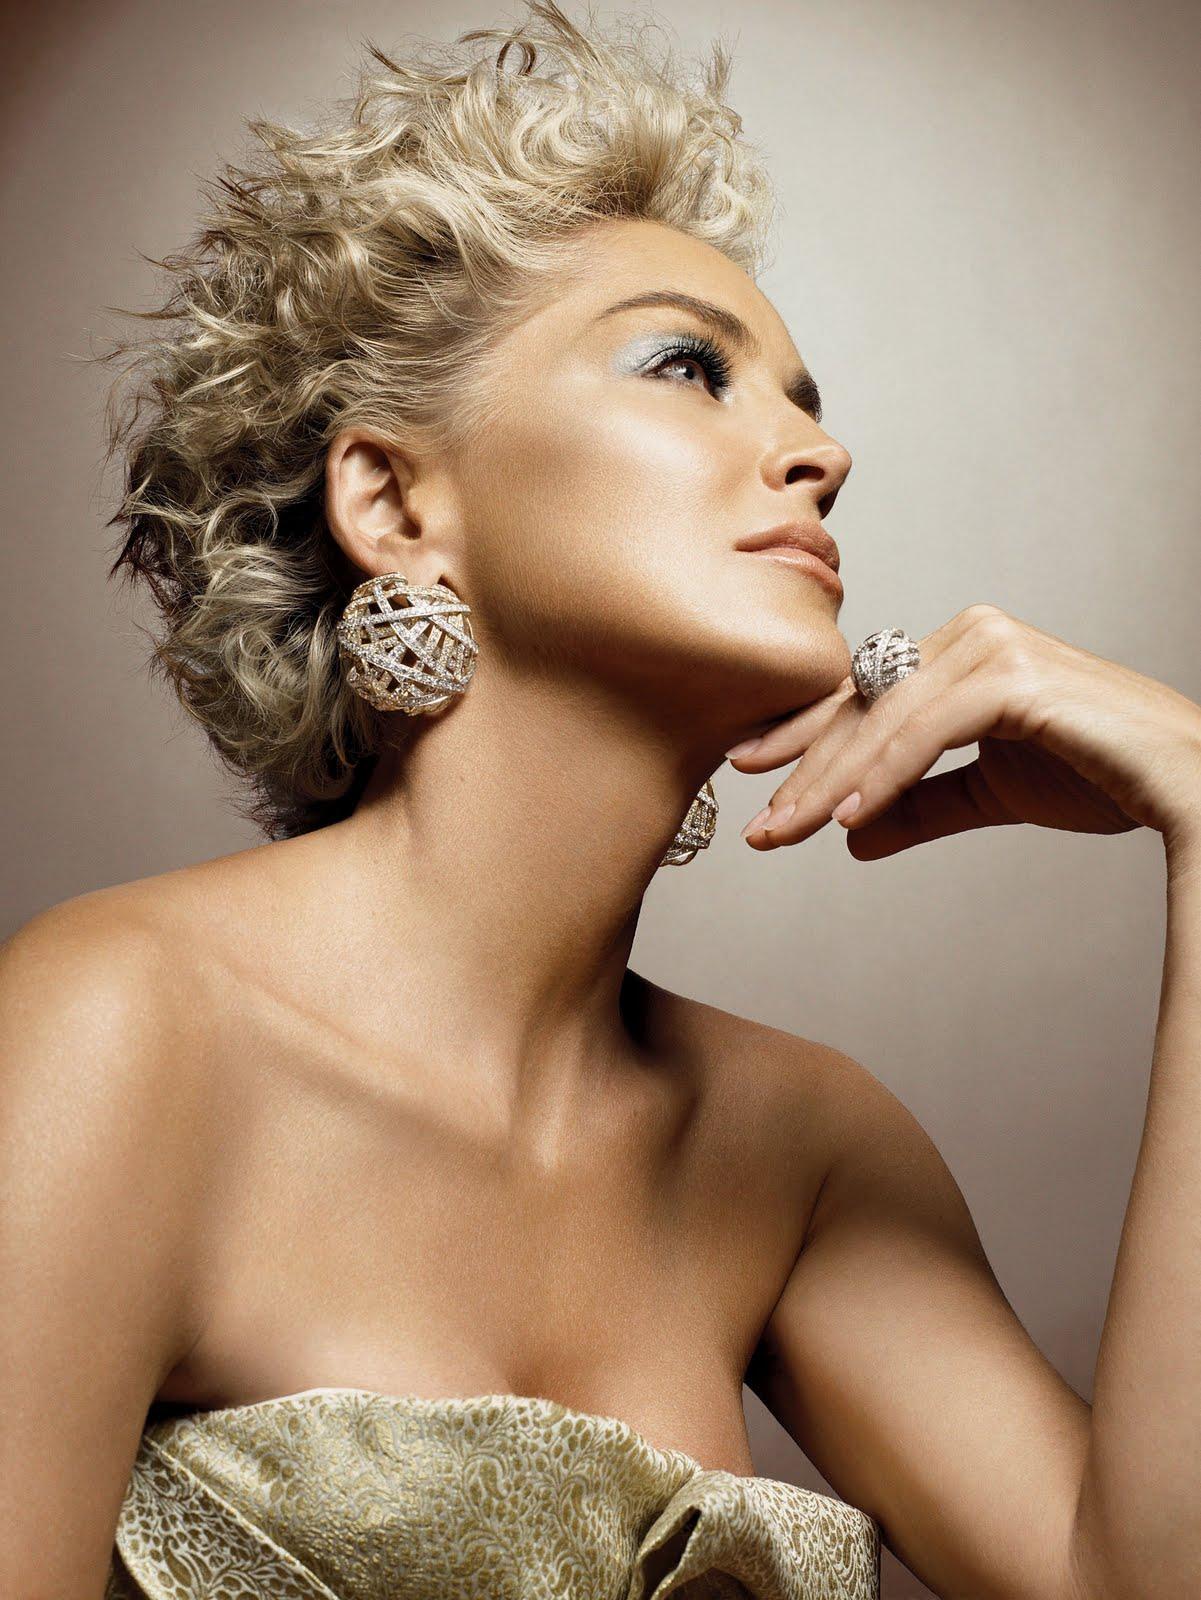 http://1.bp.blogspot.com/-F1OGpyyeuE4/ThQvSv8wCJI/AAAAAAAAASA/Mphowc7L4Ek/s1600/sharon-stone-damiani-diamond-jewelry.jpg